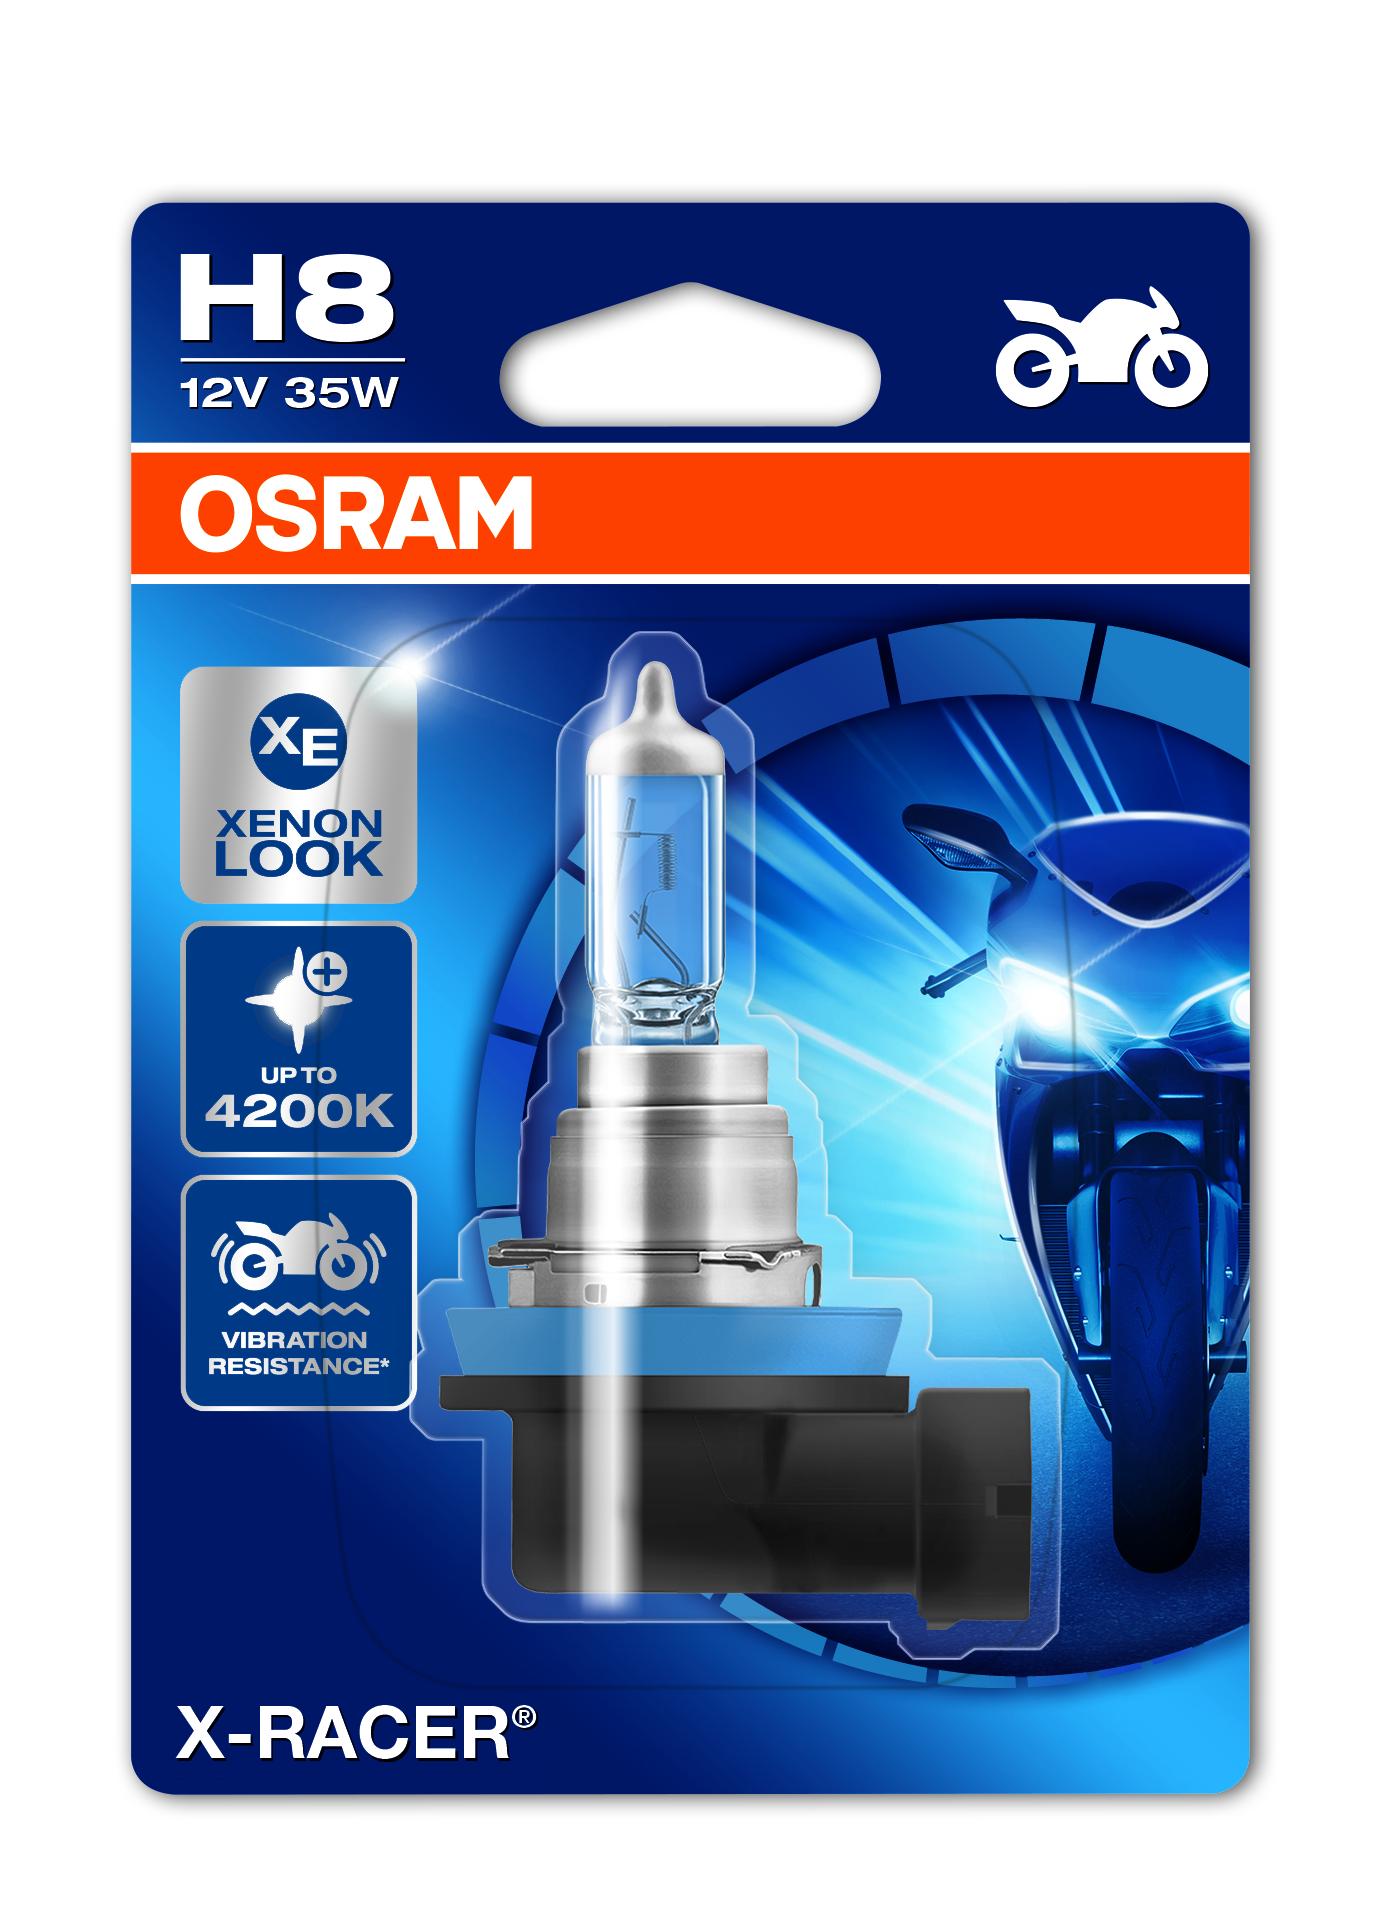 Osram halogenová žárovka, MOTO X Racer, H8, PGJ19-1, 12V, 35W, 64212XR-01B